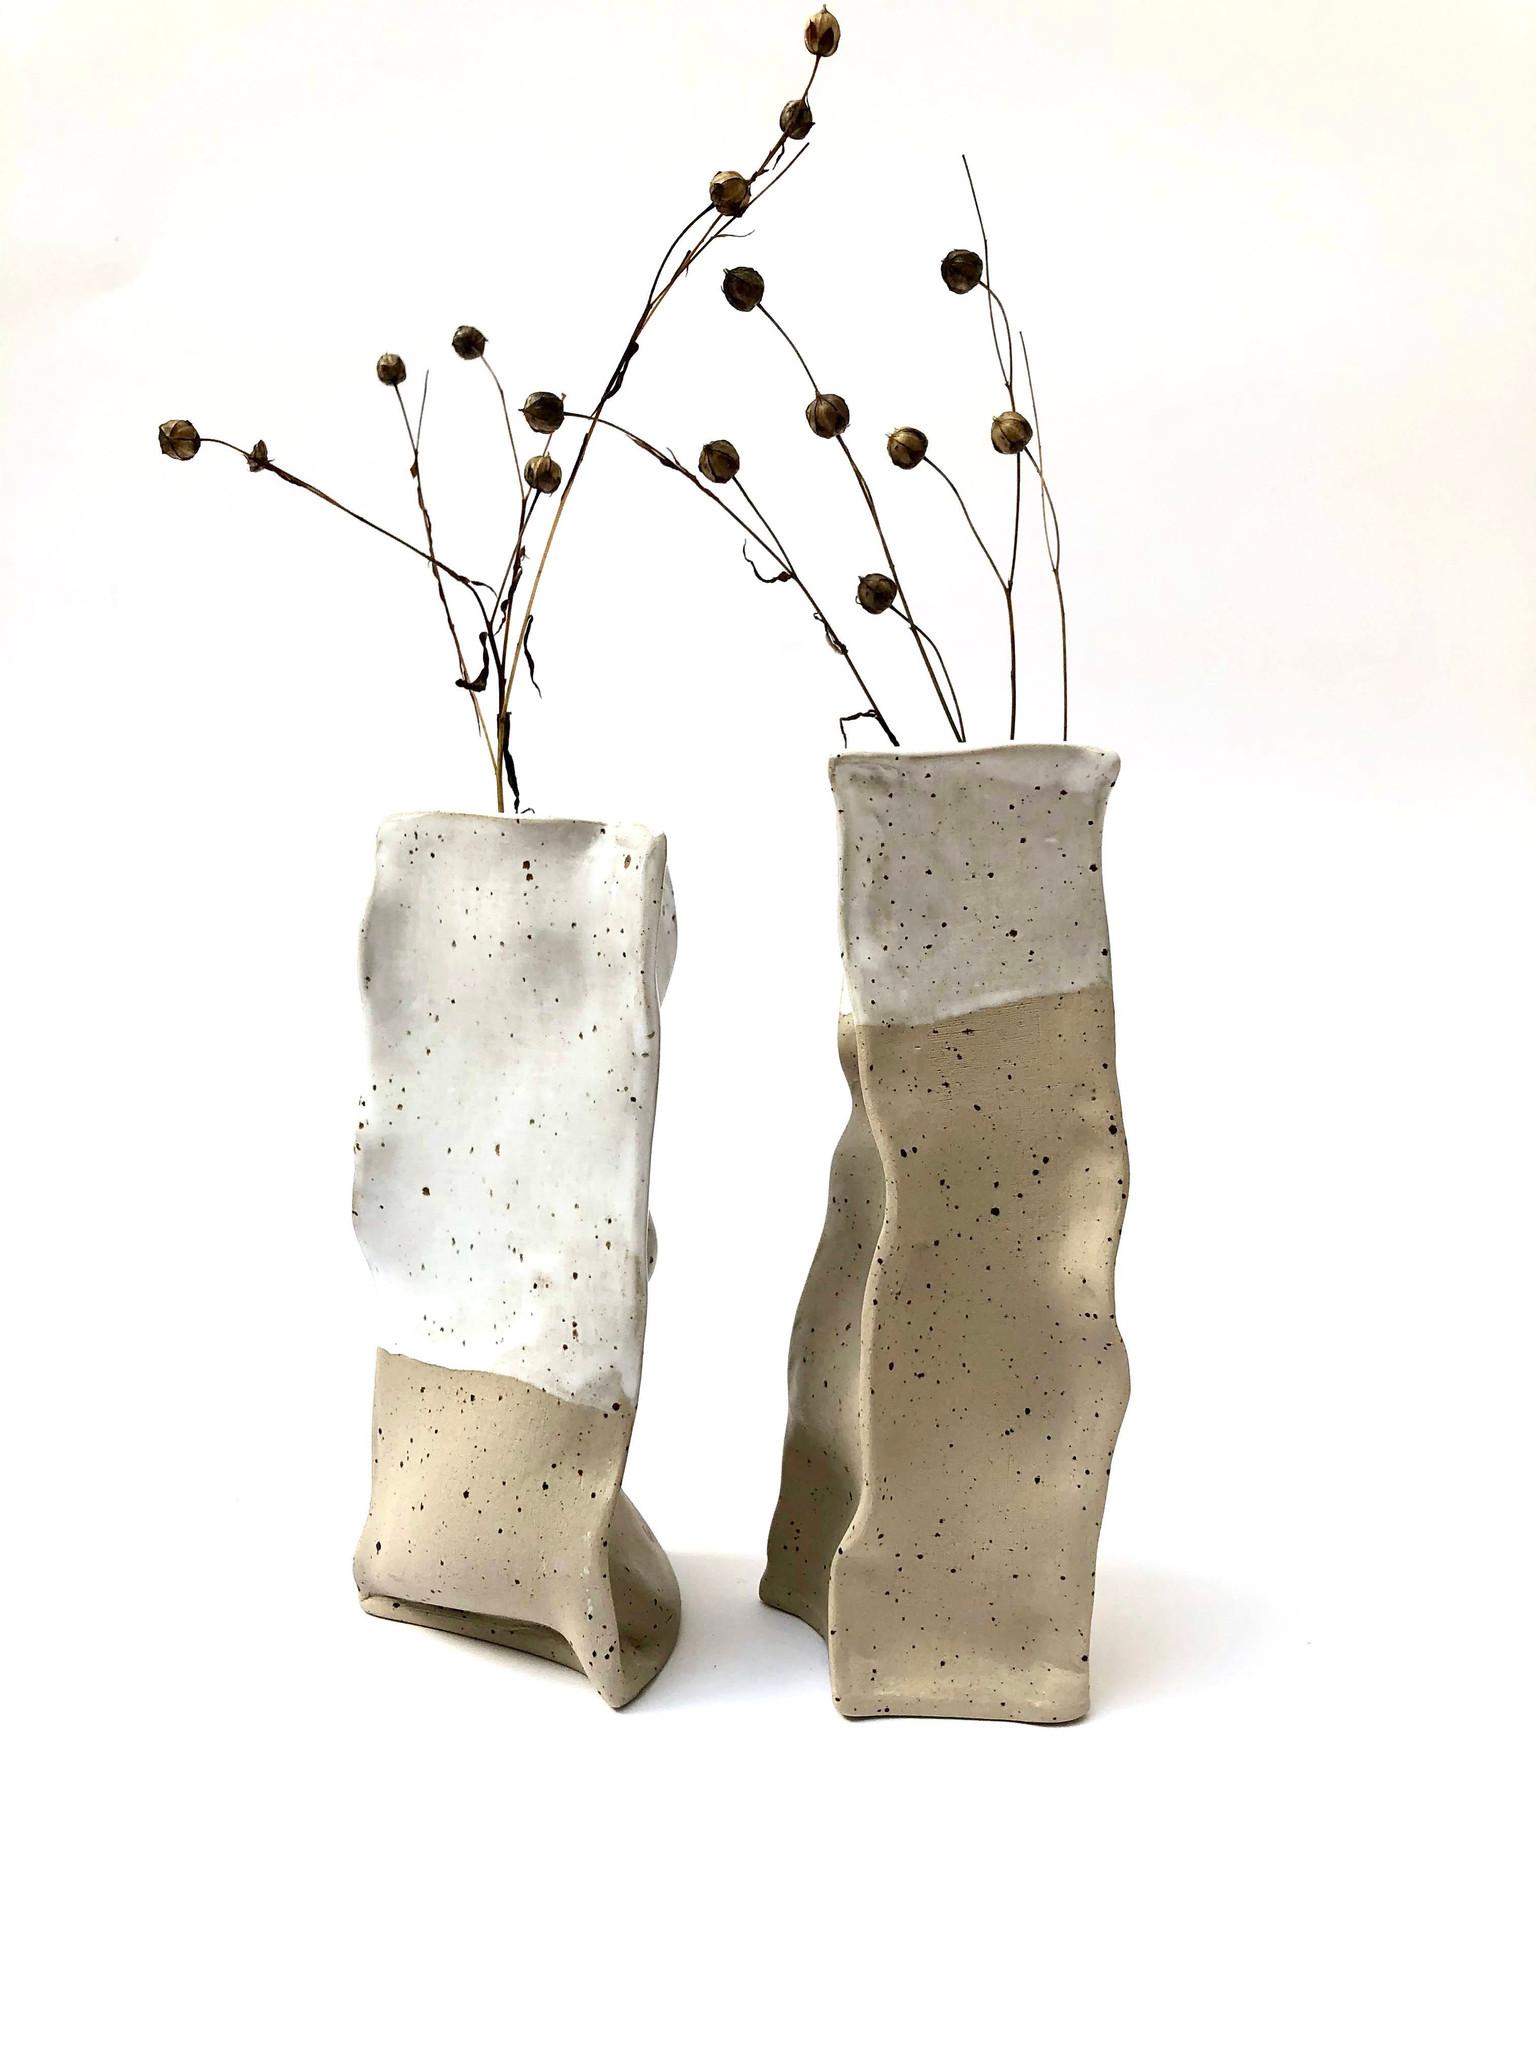 Komplet wazonów PAPIEROWE TORBY - Lui & Clay | JestemSlow.pl